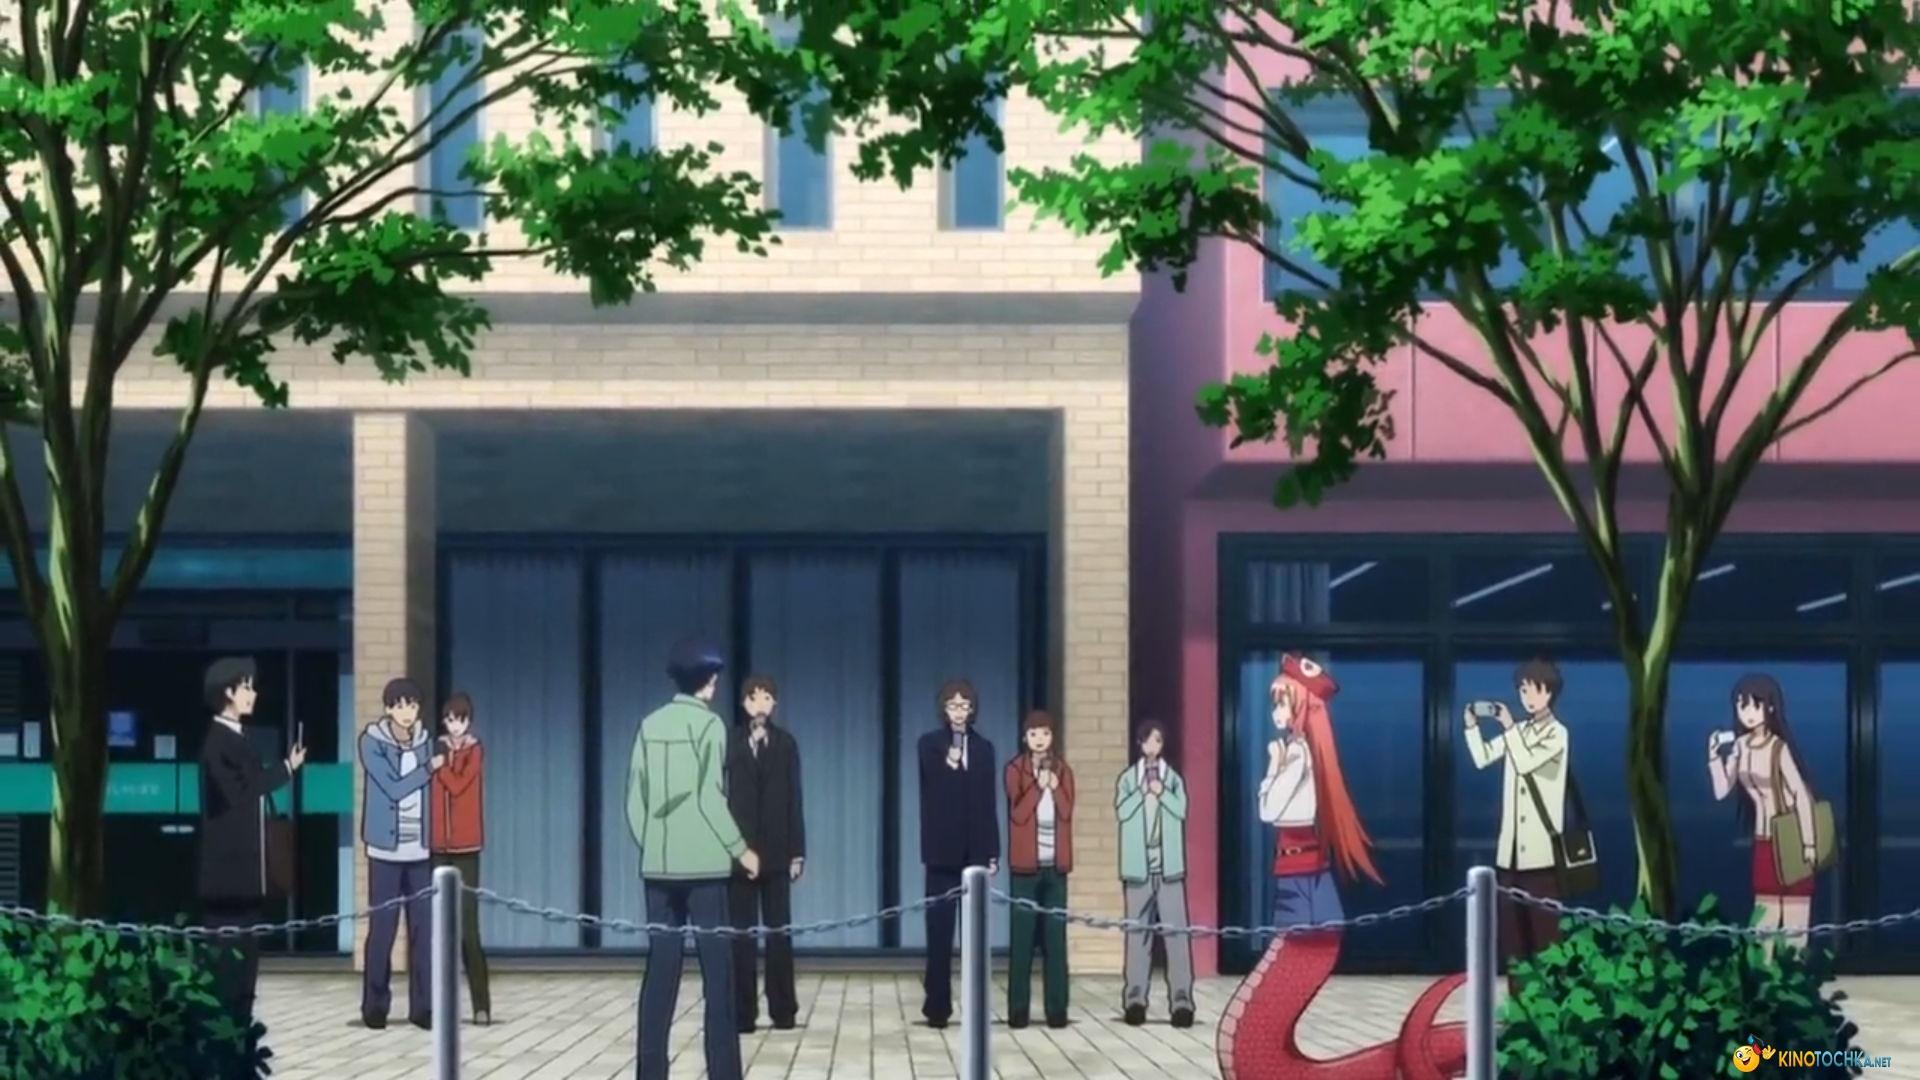 Беспокойный кентавр 1 сезон все серии аниме смотреть онлайн бесплатно